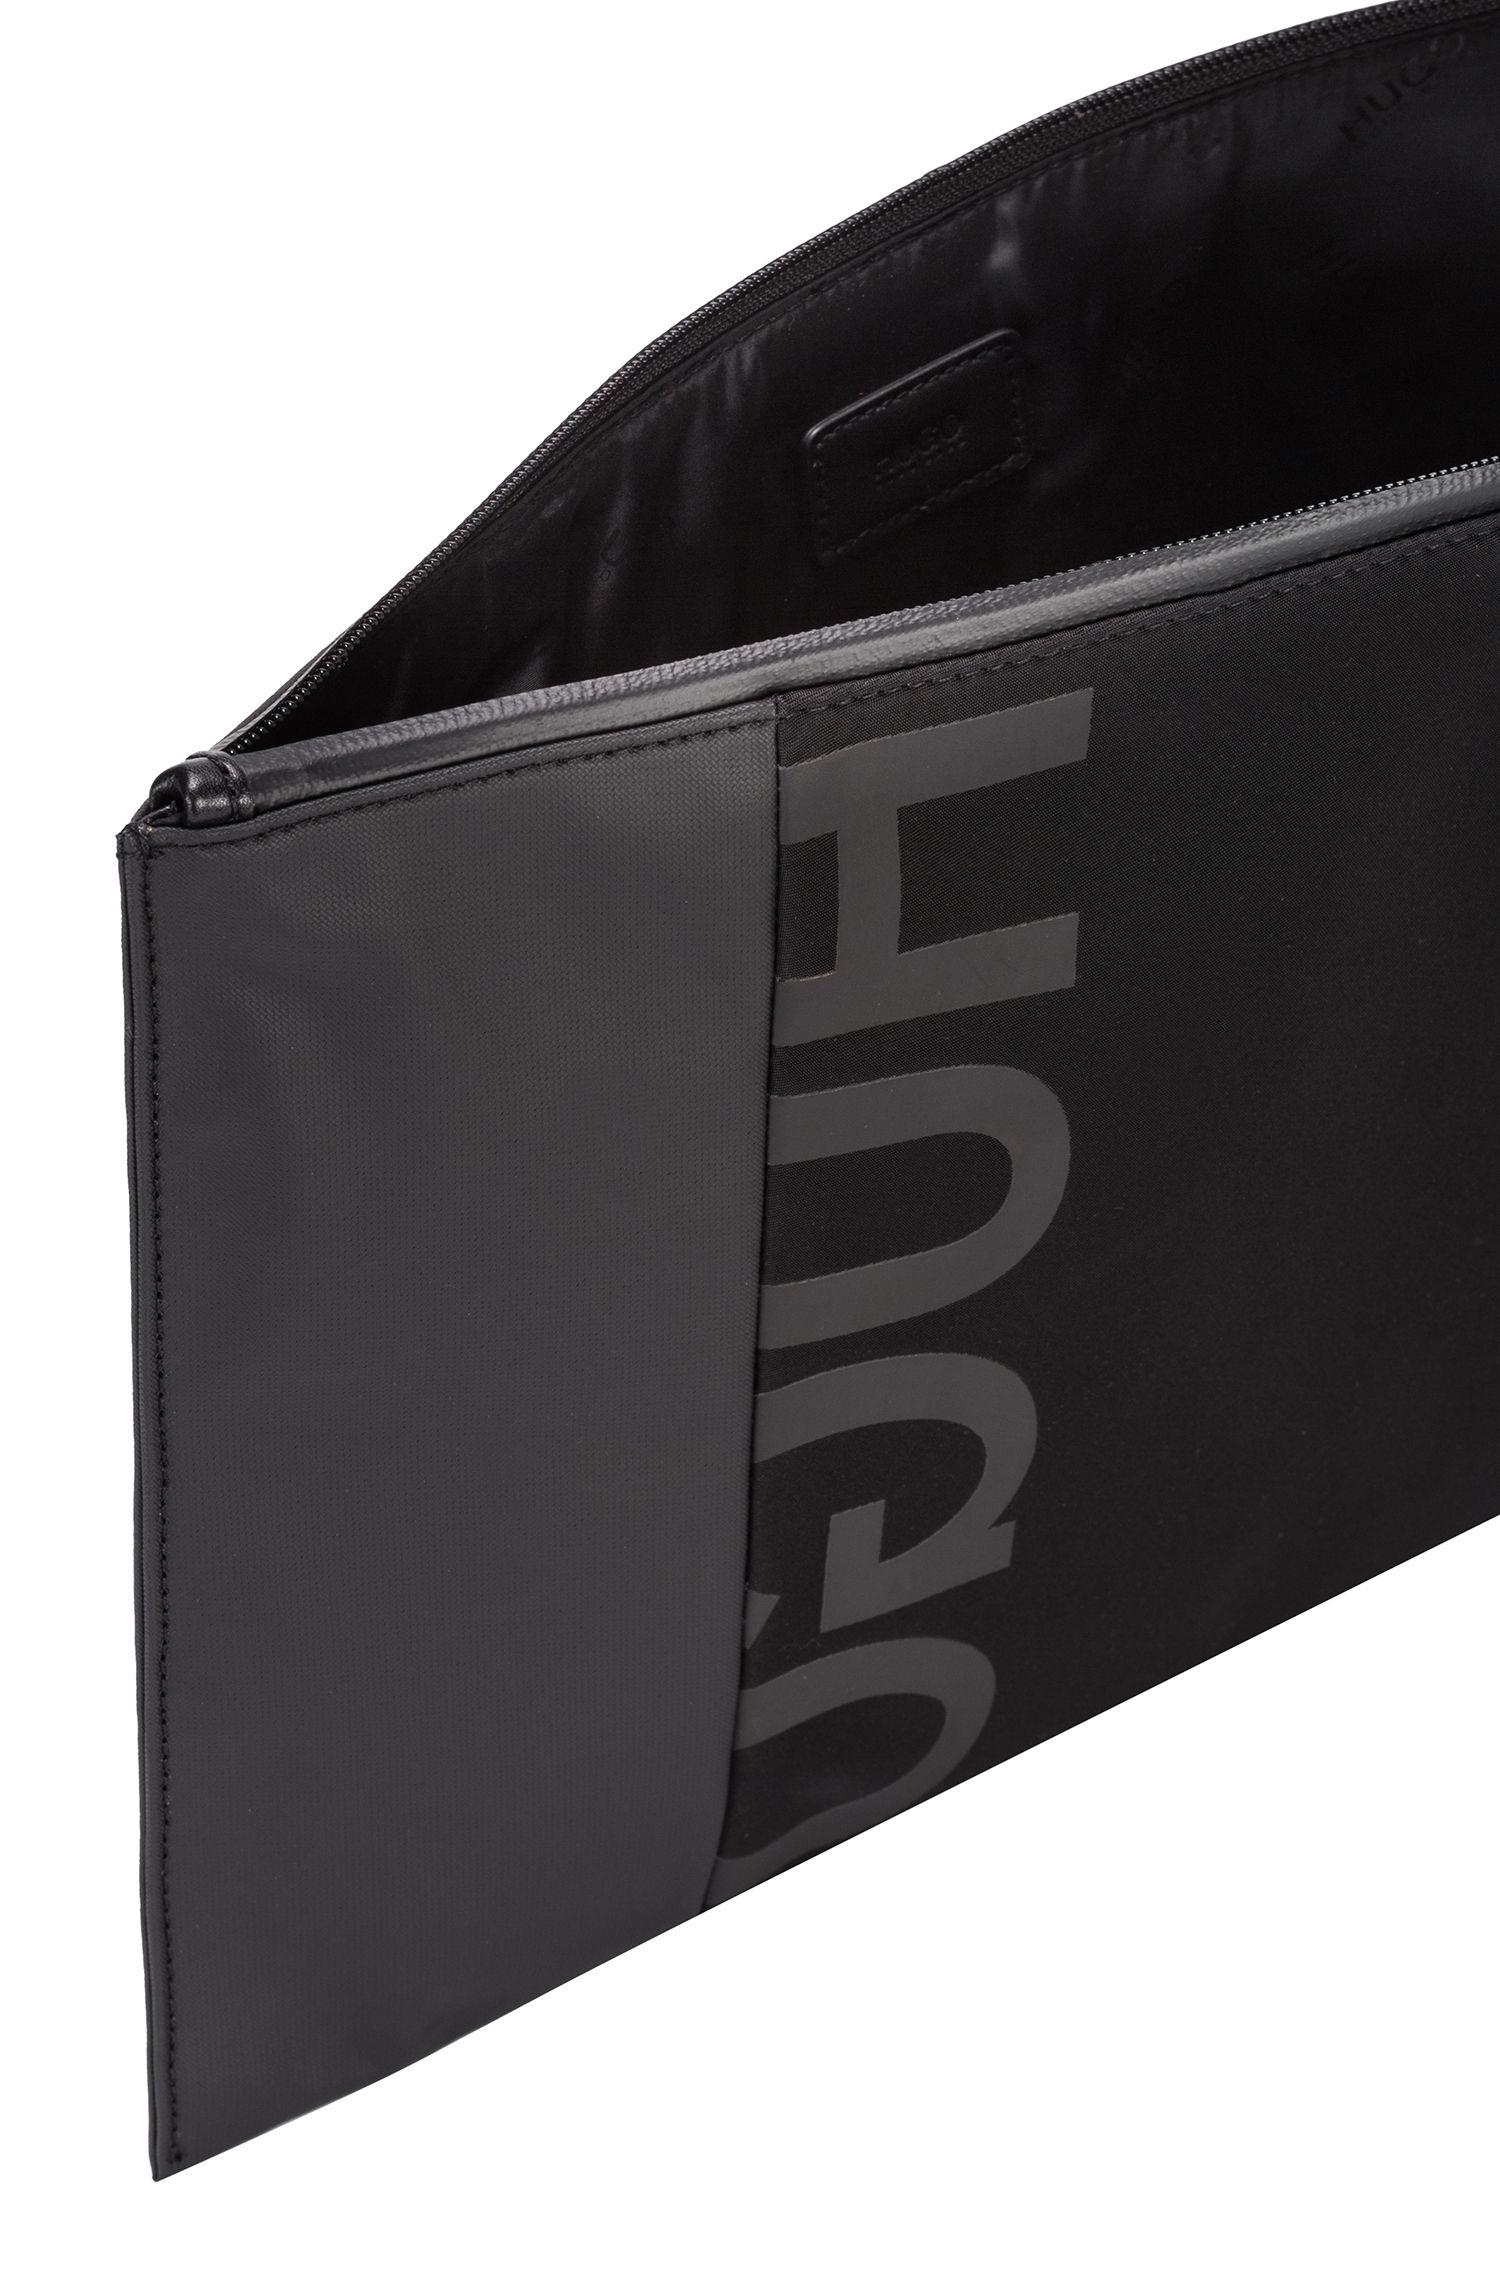 Funda portadocumentos de tejido de gabardina con logo invertido y herrajes de metal pesado, Negro